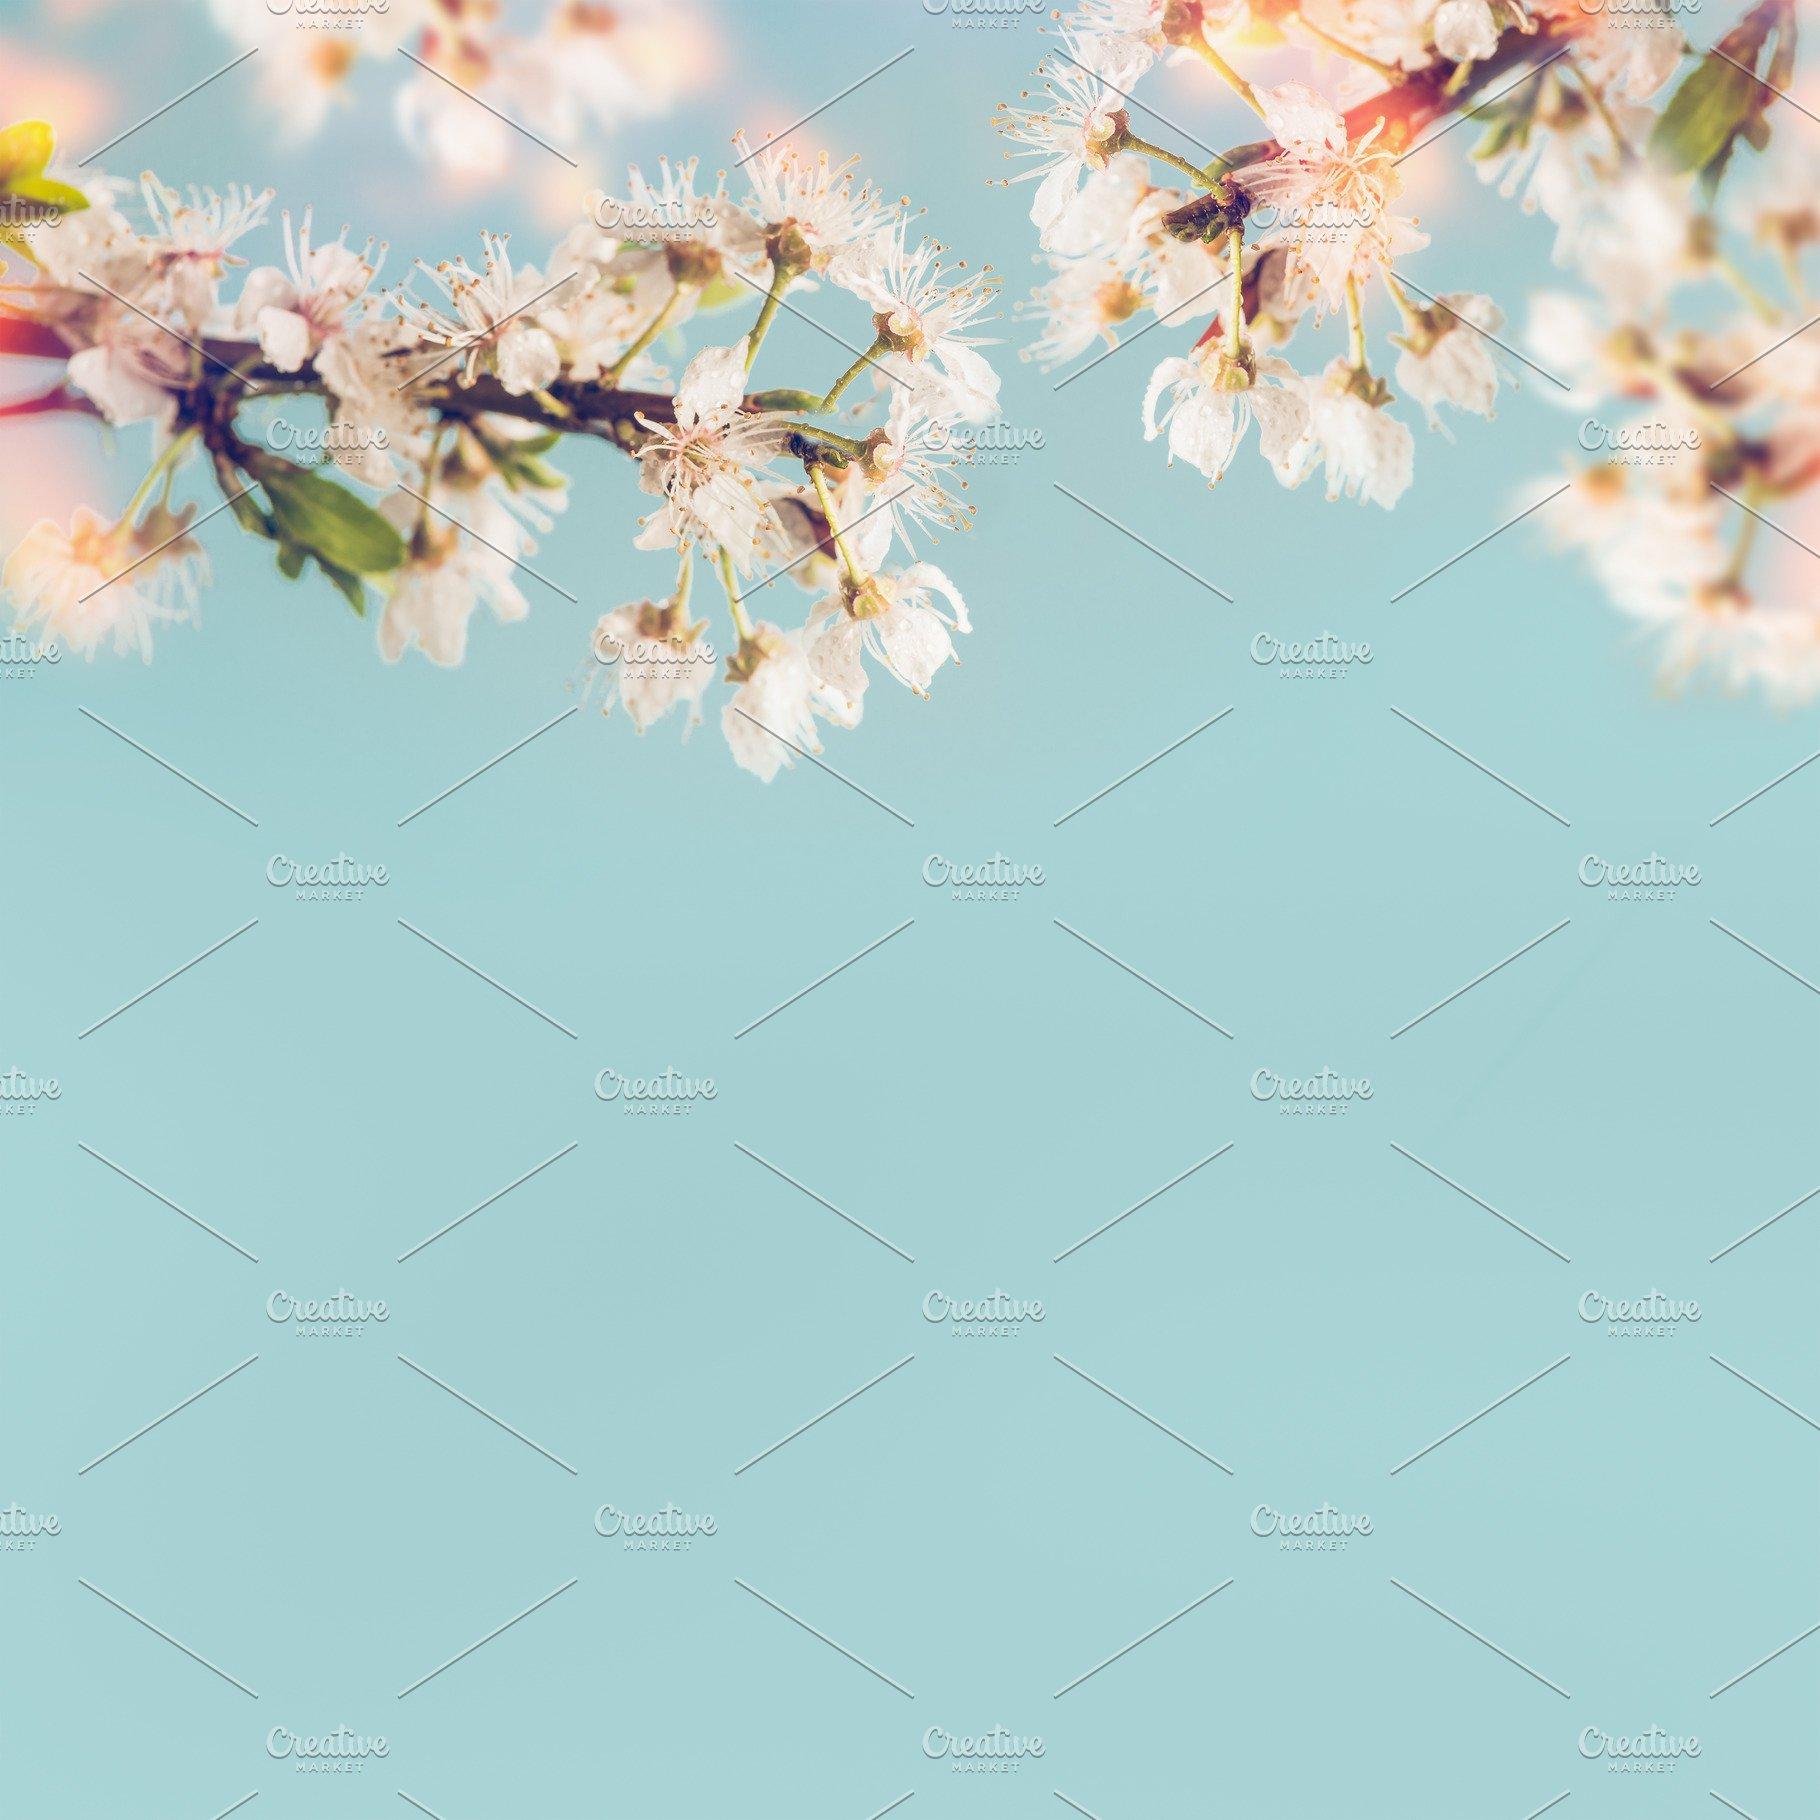 b0e73608e Sunny cherry blossom at blue ~ Nature Photos ~ Creative Market